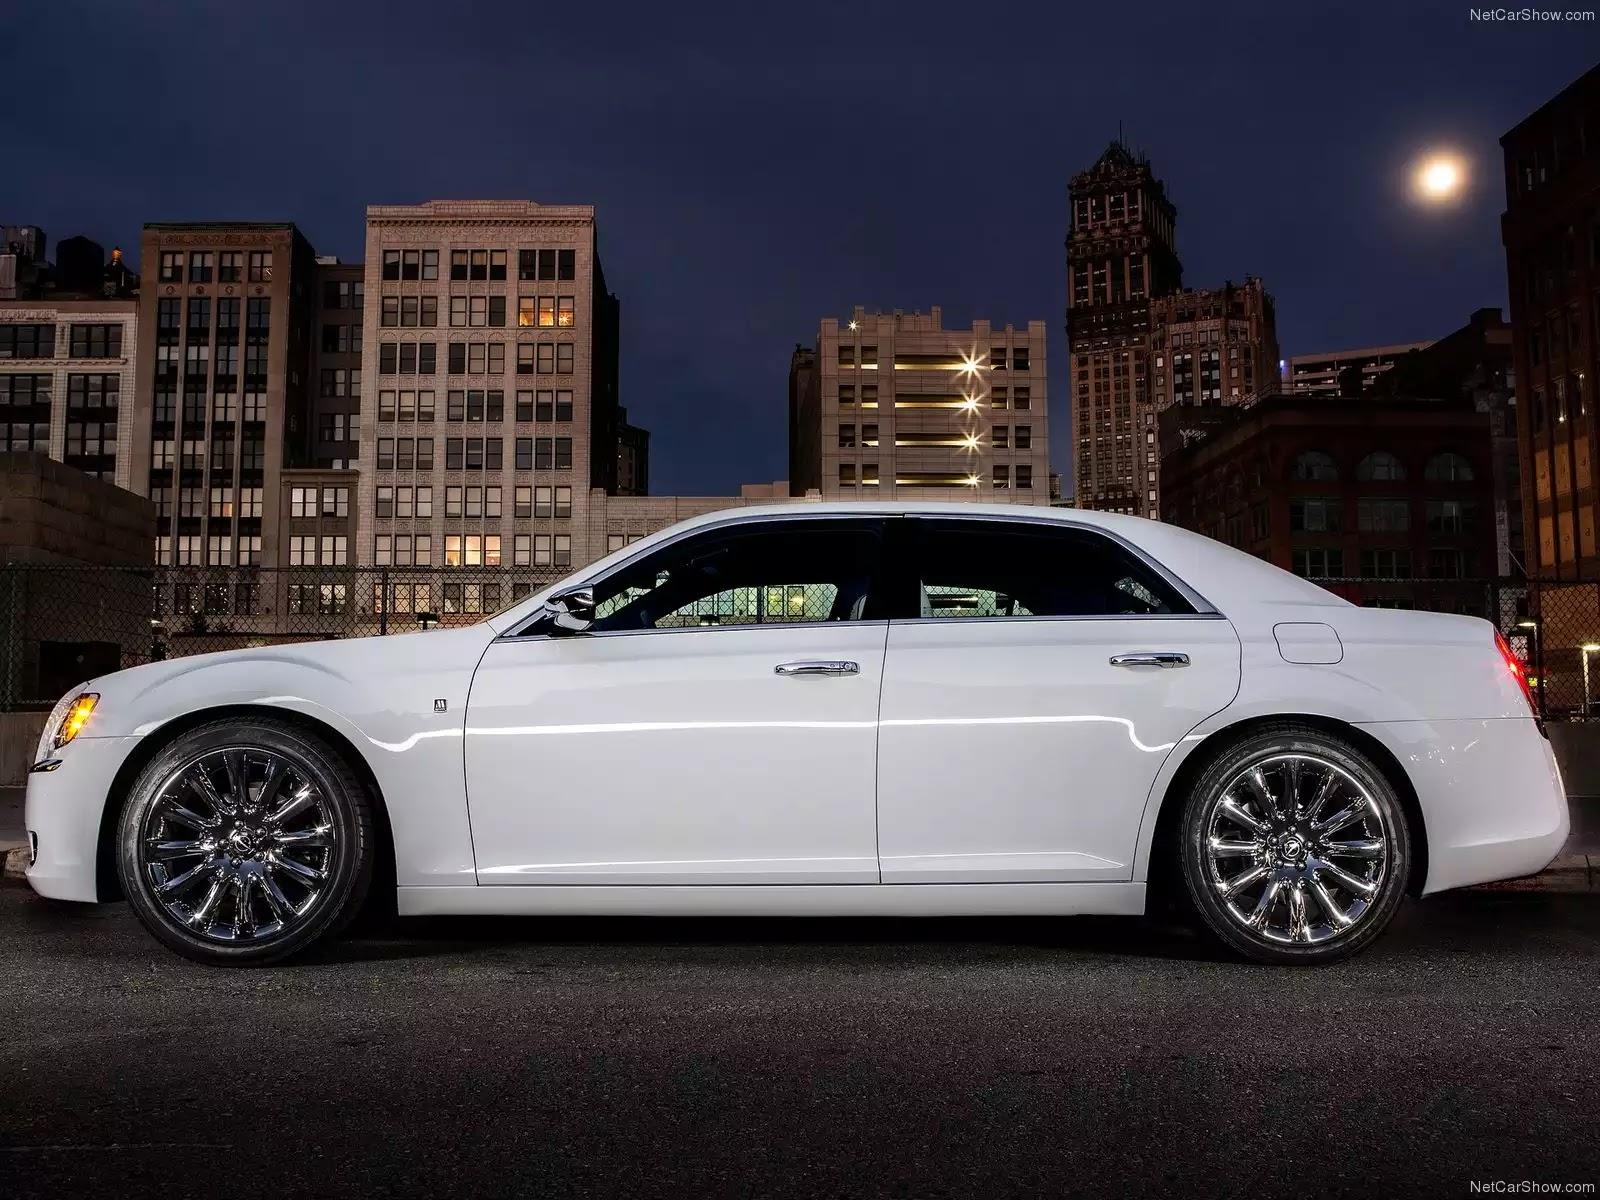 Hình ảnh xe ô tô Chrysler 300 Motown Edition 2013 & nội ngoại thất